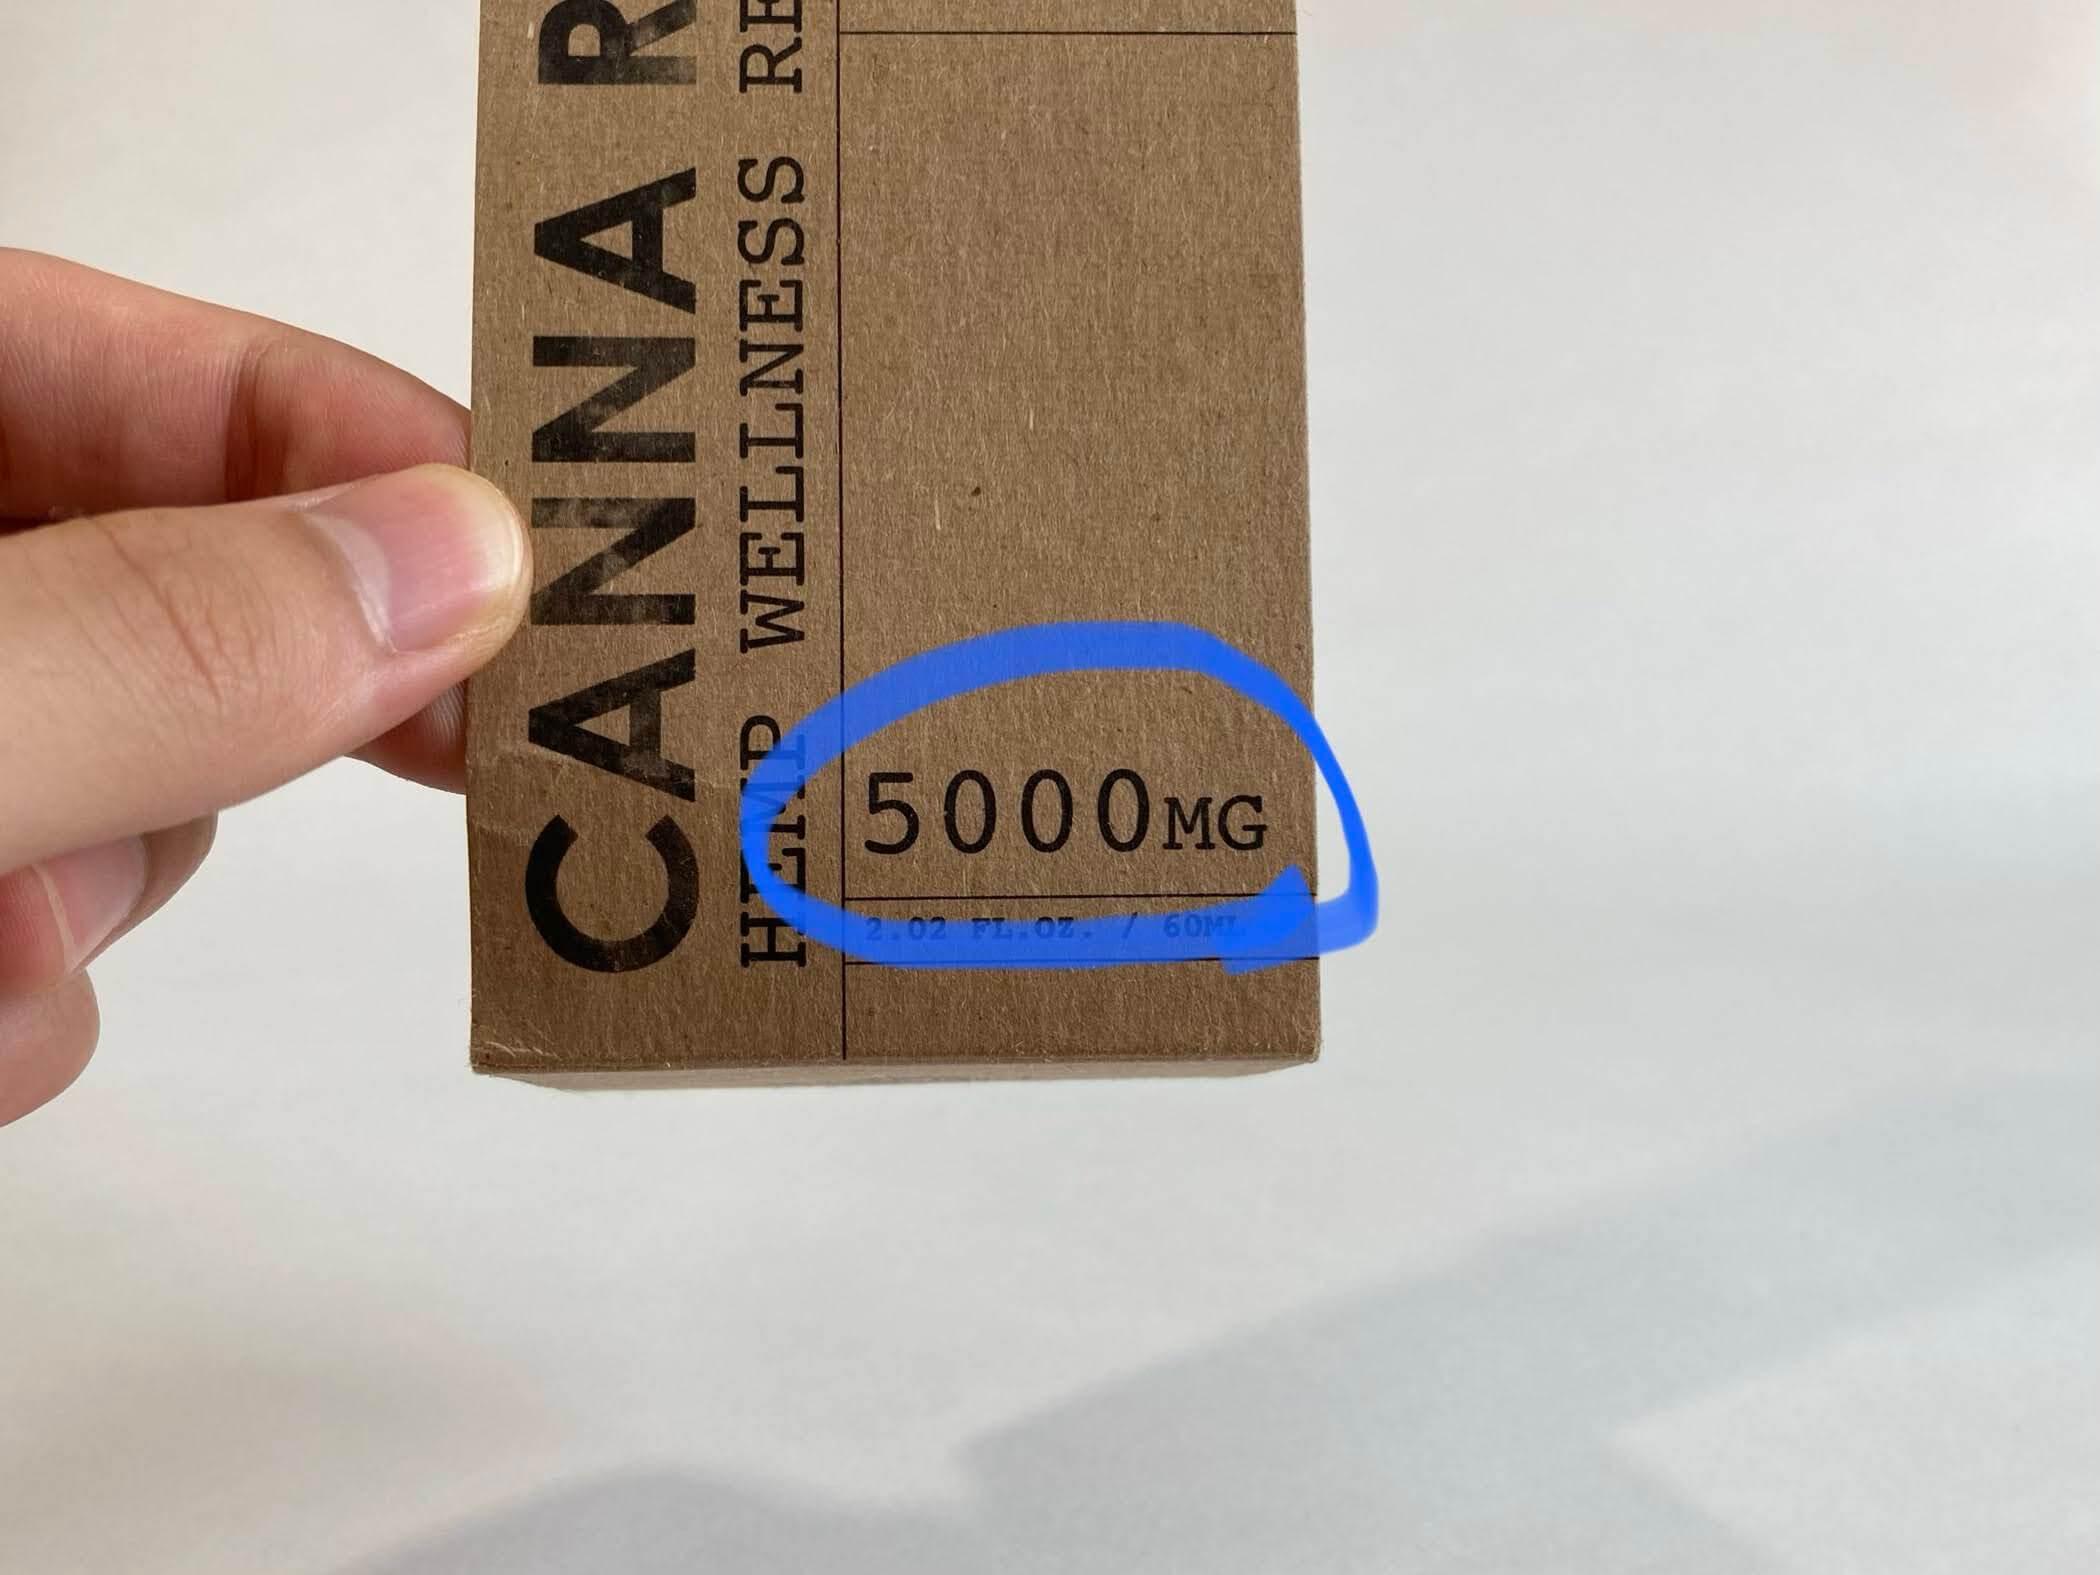 カンナリバー(CANNA RIVER)のCBDオイル、パッケージ5000mg配合